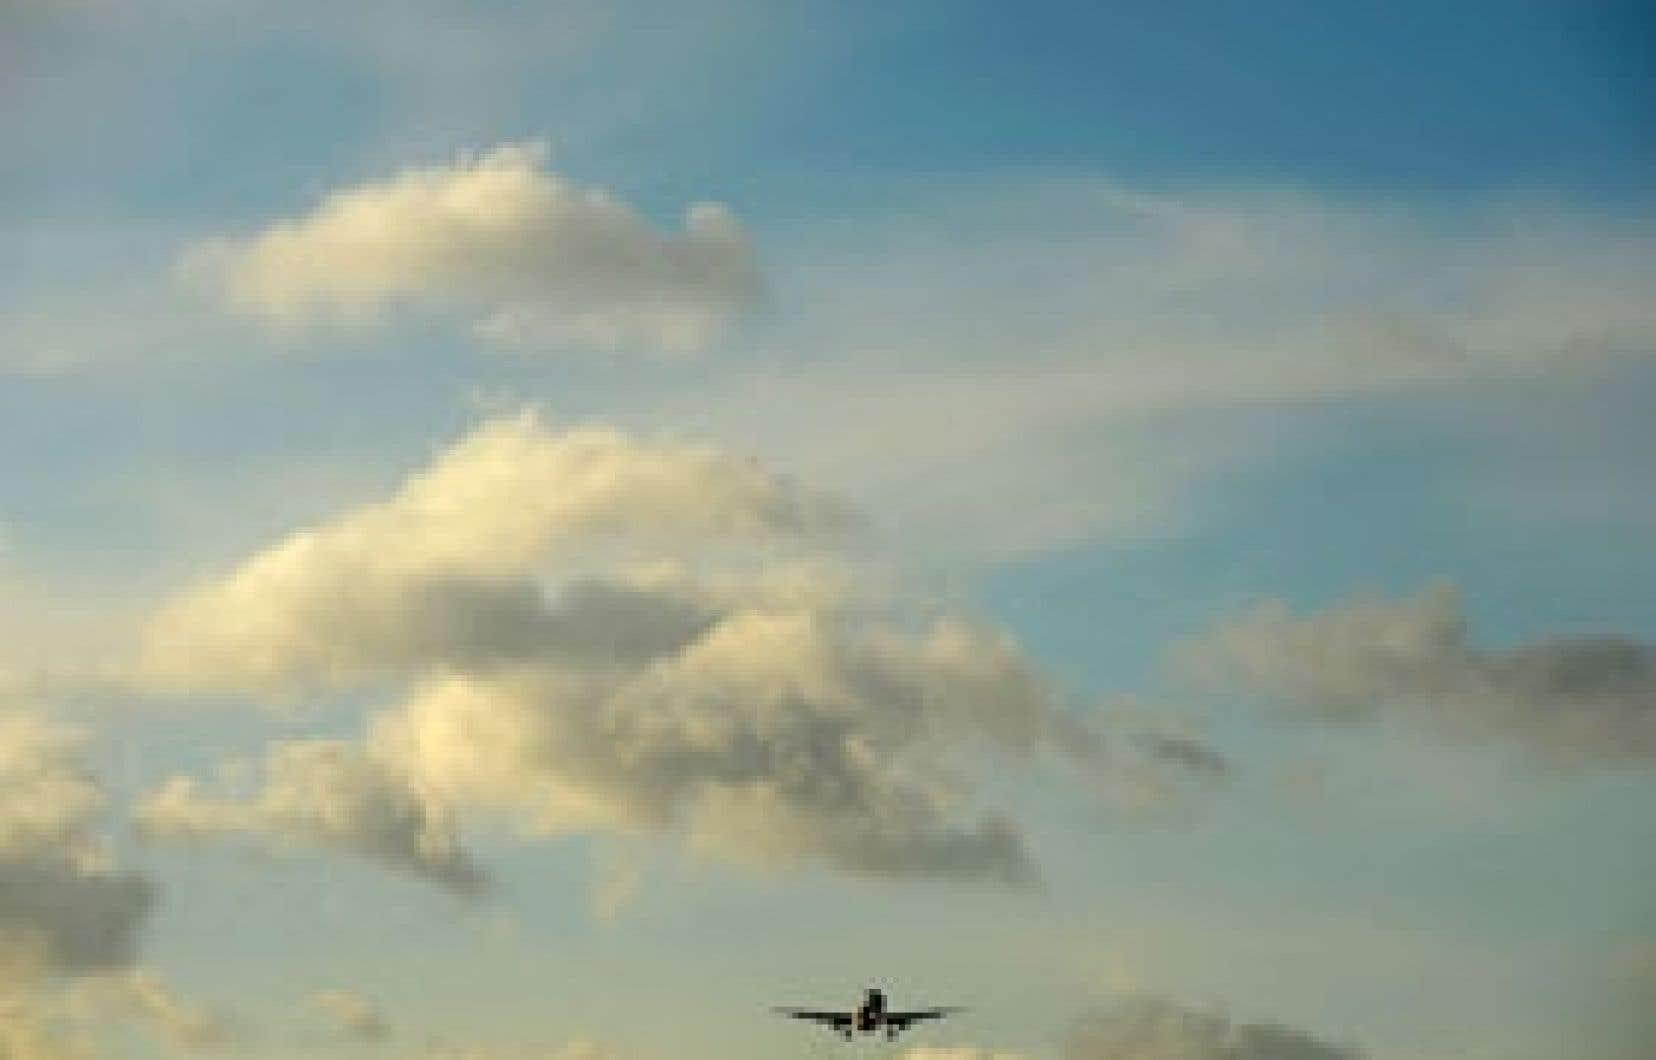 Le Conference Board s'attend à ce que les compagnies aériennes canadiennes parviennent à enregistrer un faible bénéfice de 106 millions cette année.